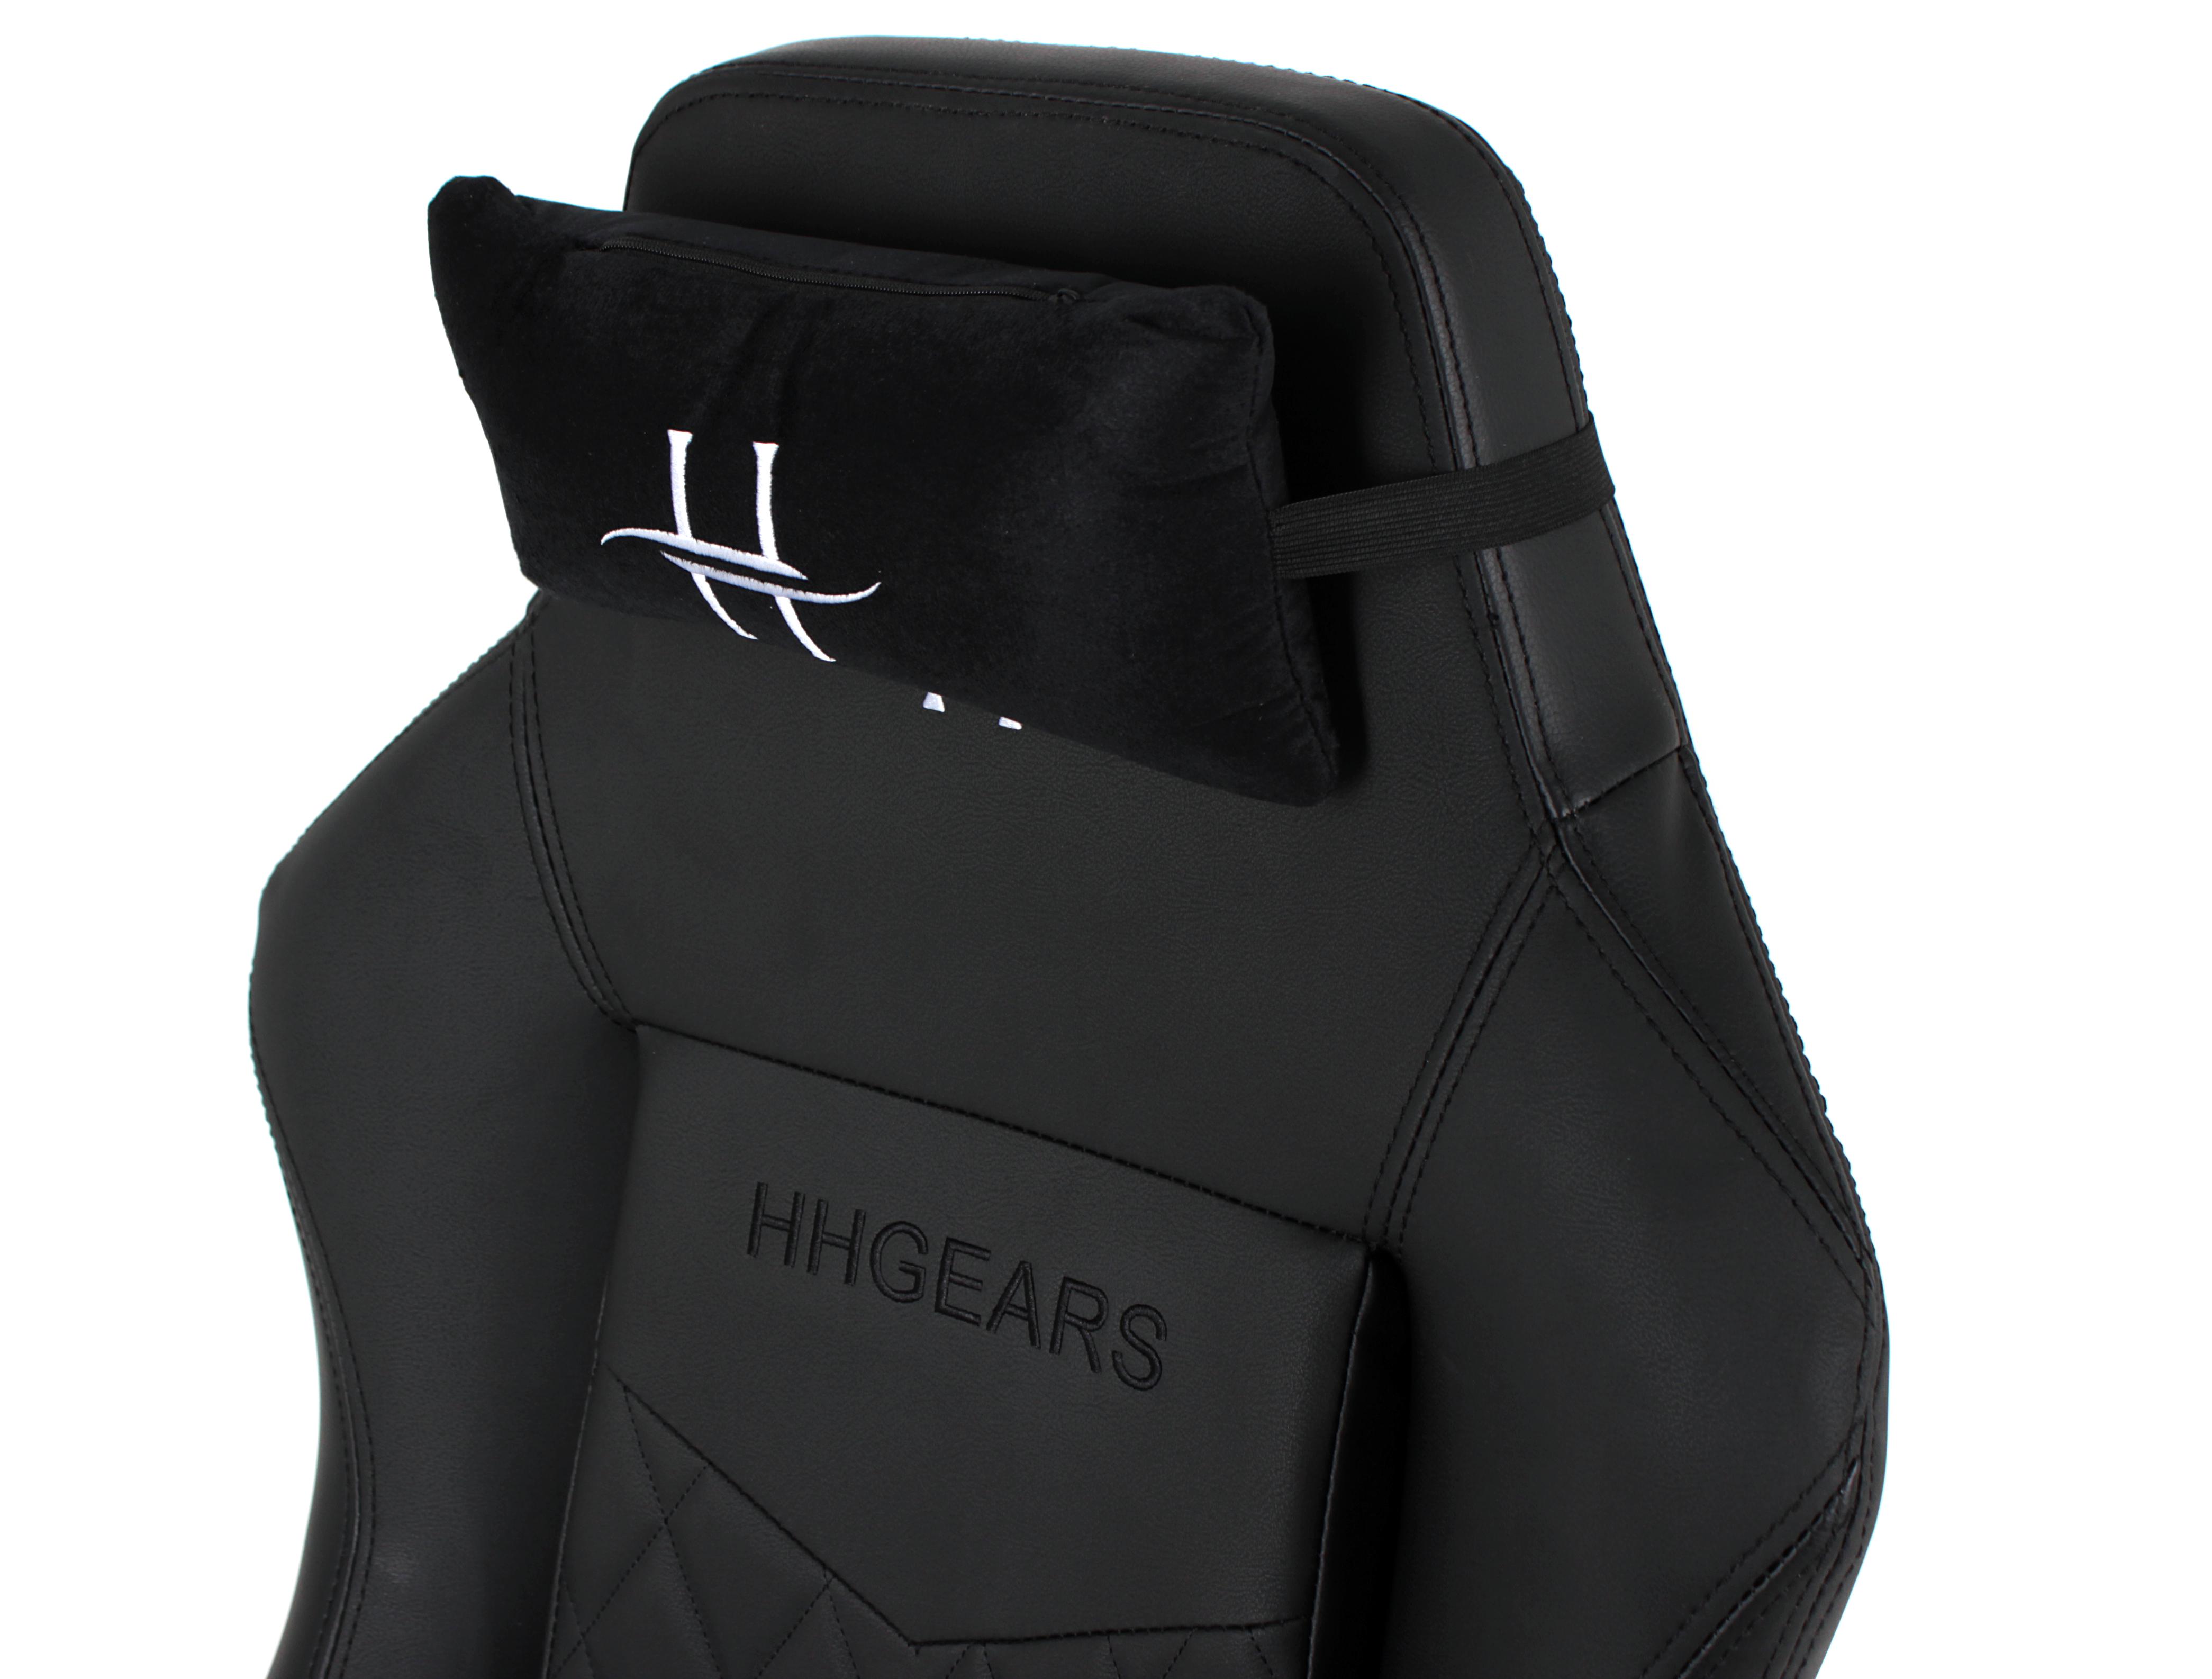 Periferiya - Obzor igrovogo kresla HHGears XL-800. Optimalnyy vybor.